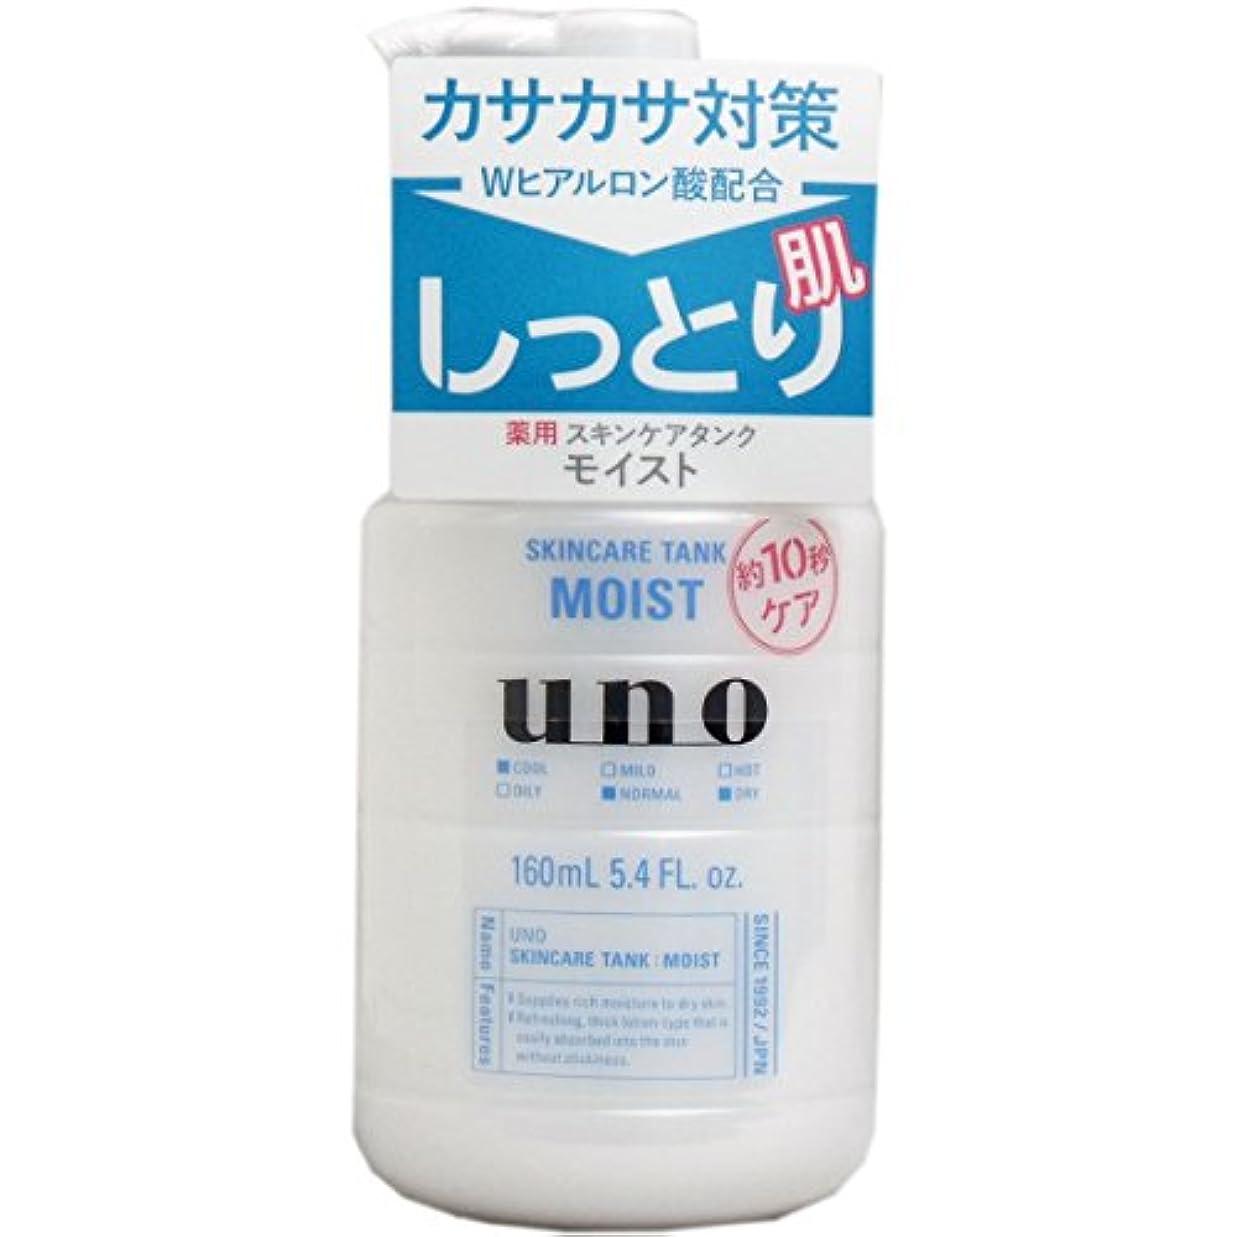 ノベルティロードされた結論【資生堂】ウーノ(uno) スキンケアタンク (しっとり) 160mL ×3個セット